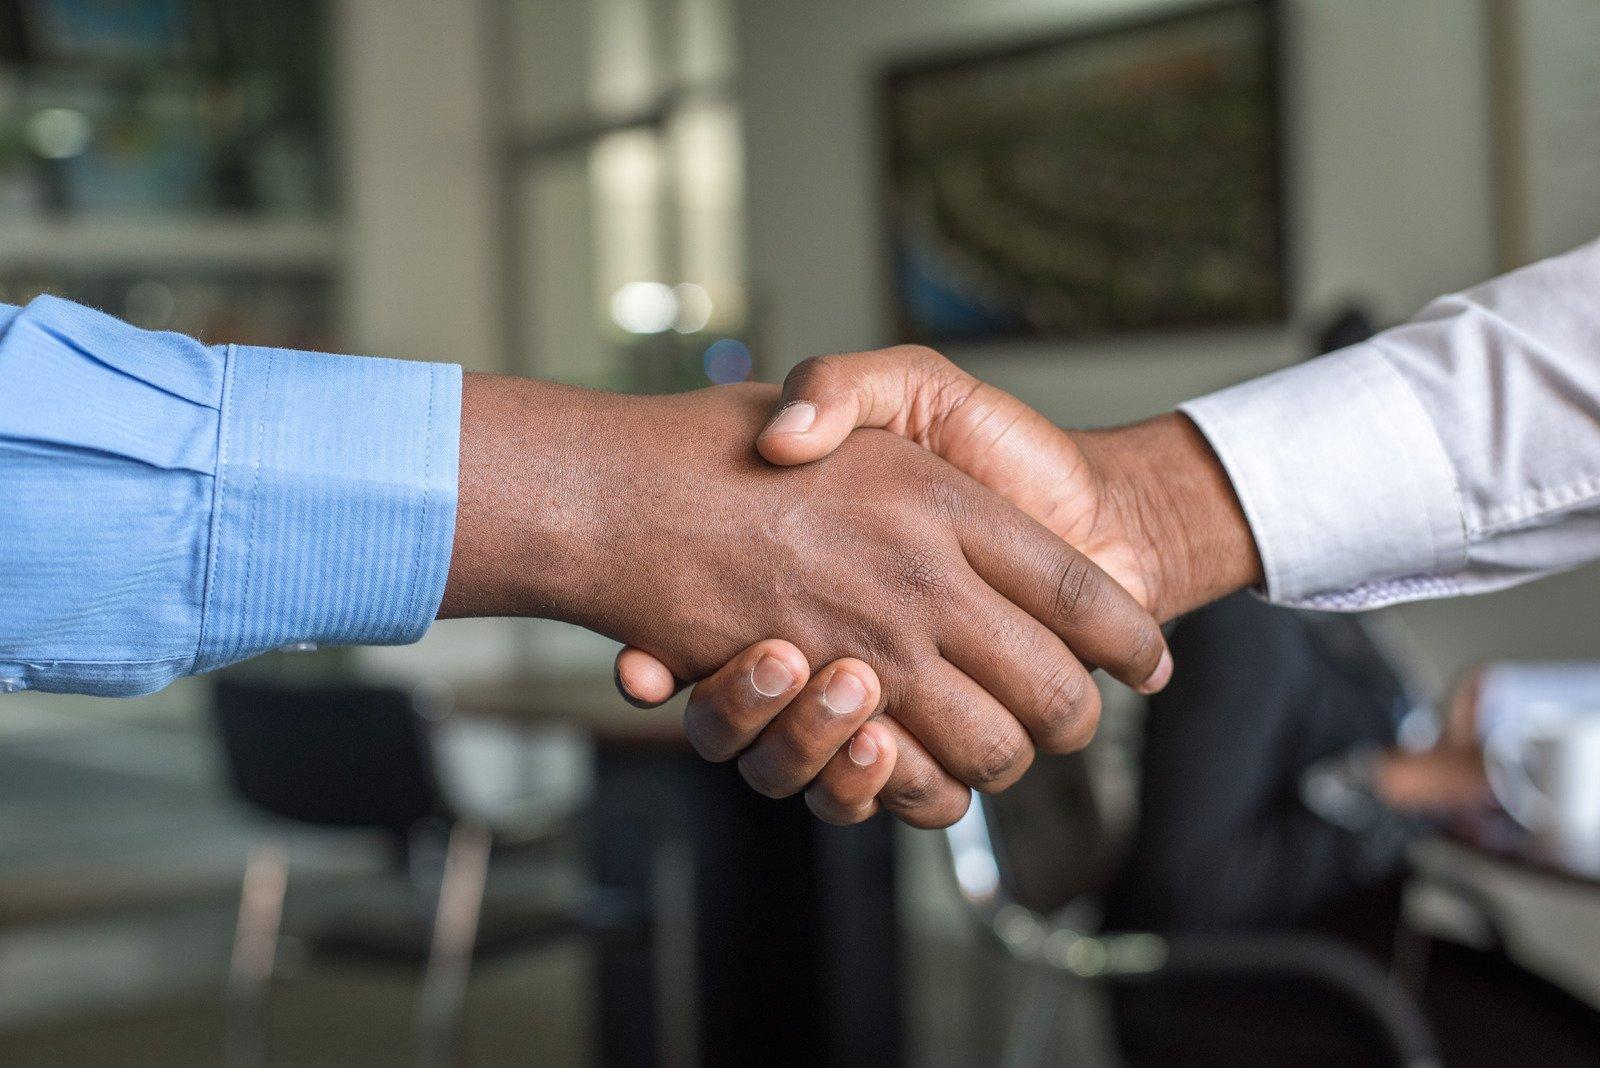 การร่วมมือกันระหว่างบุคลากรและพันธมิตรทางธุรกิจจะช่วยส่งเสริมให้ธุรกิจประสบความสำเร็จ